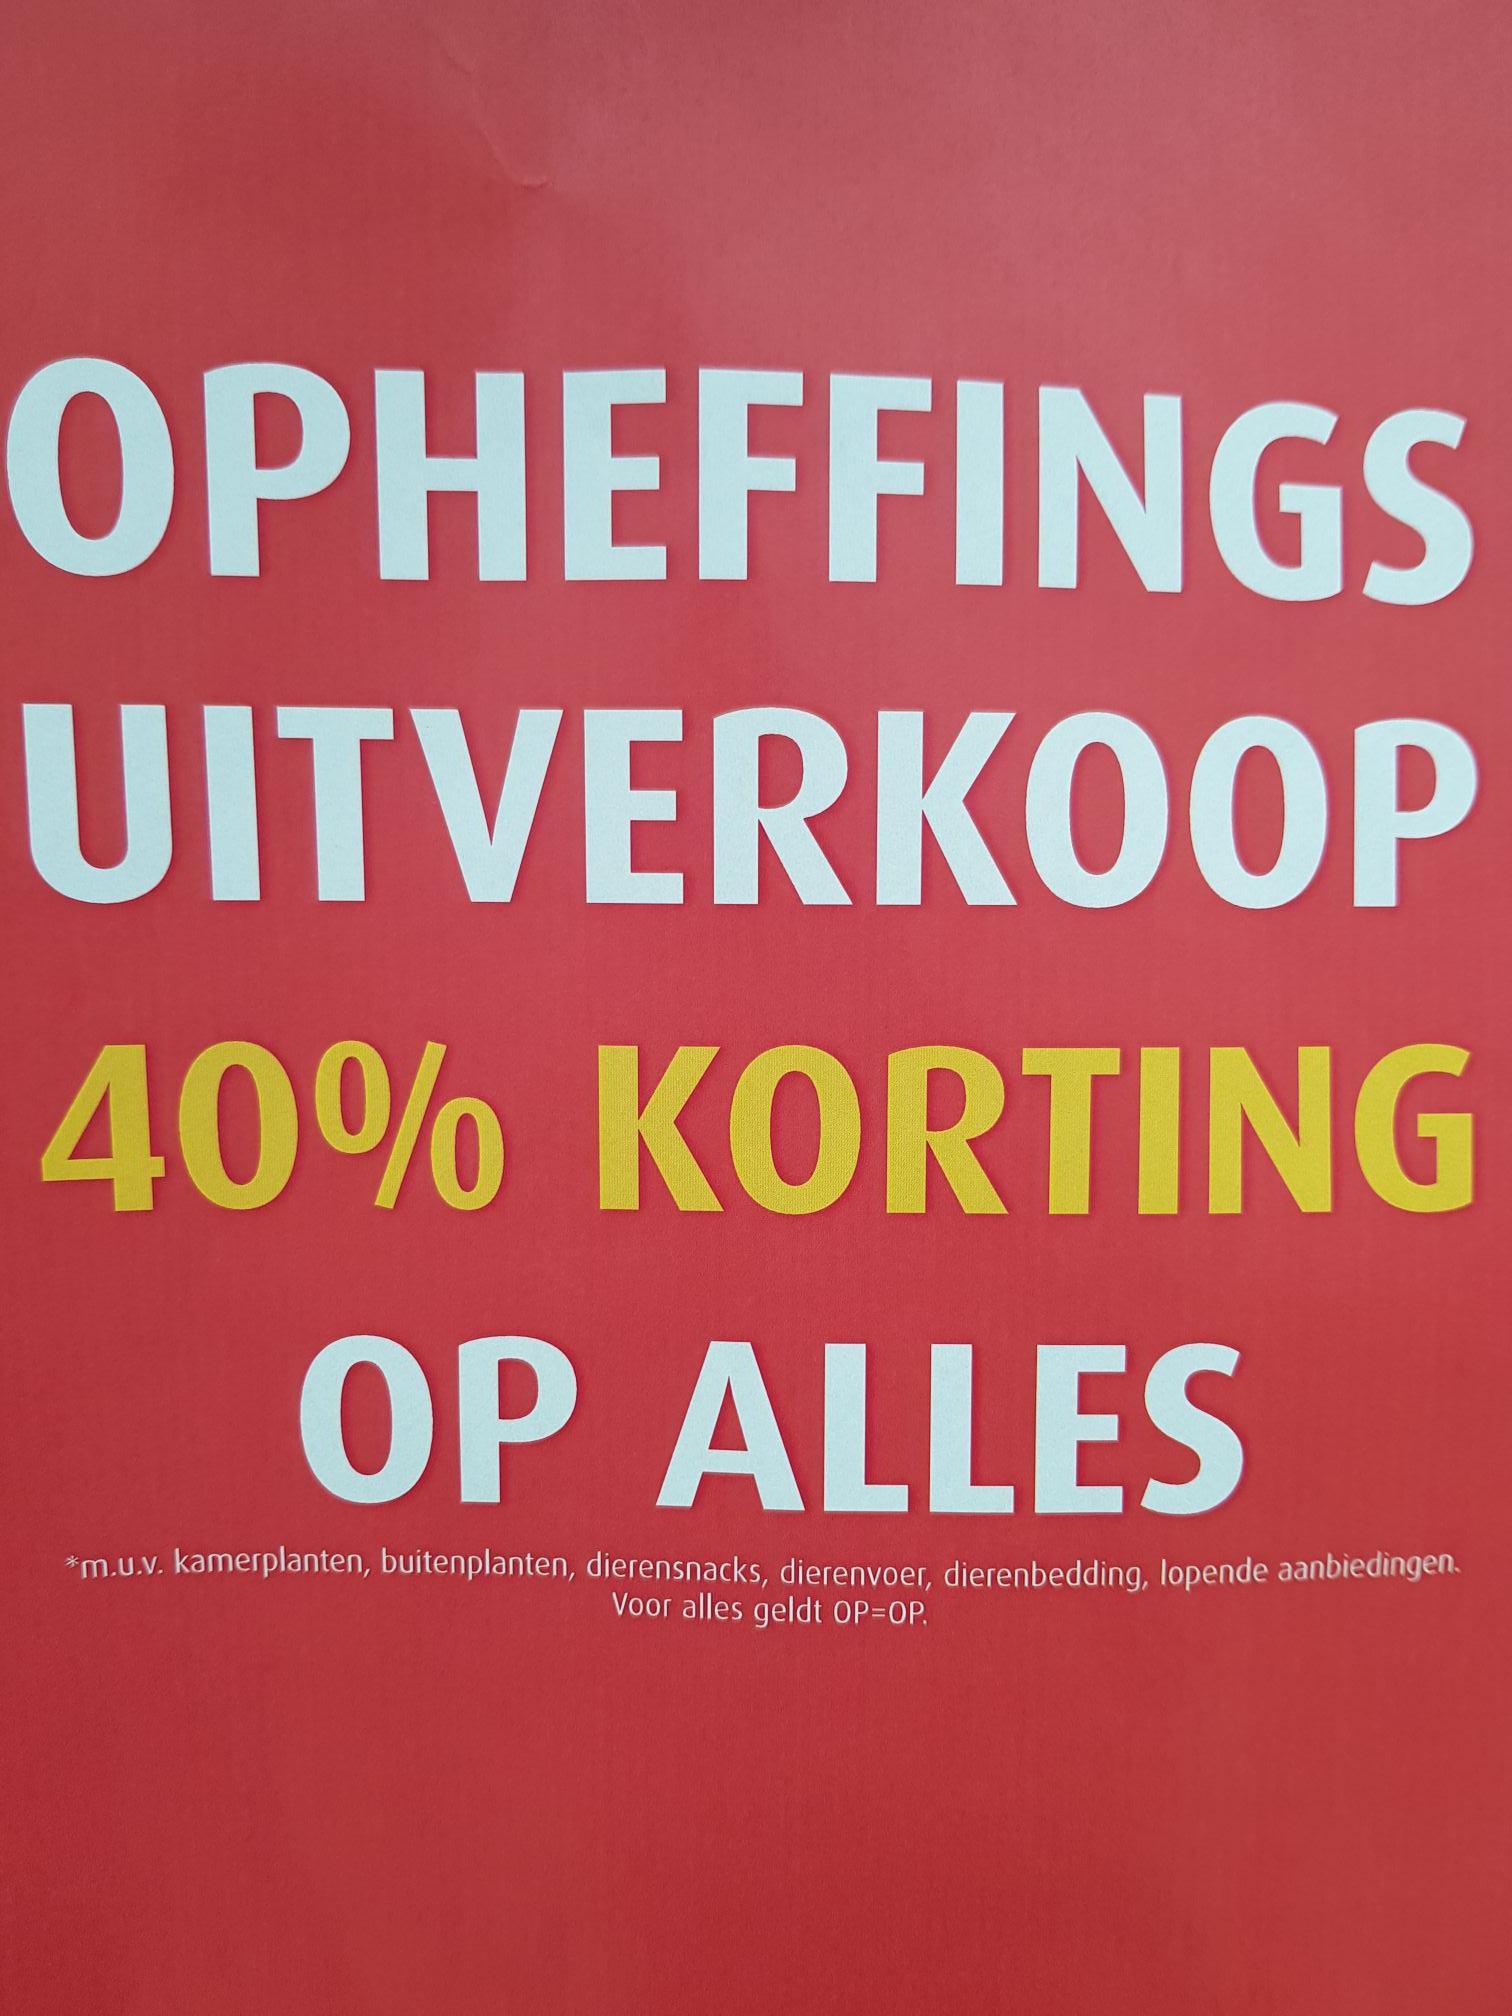 Opheffings uitverkoop tuincentrum Overvecht (lokale aanbieding)